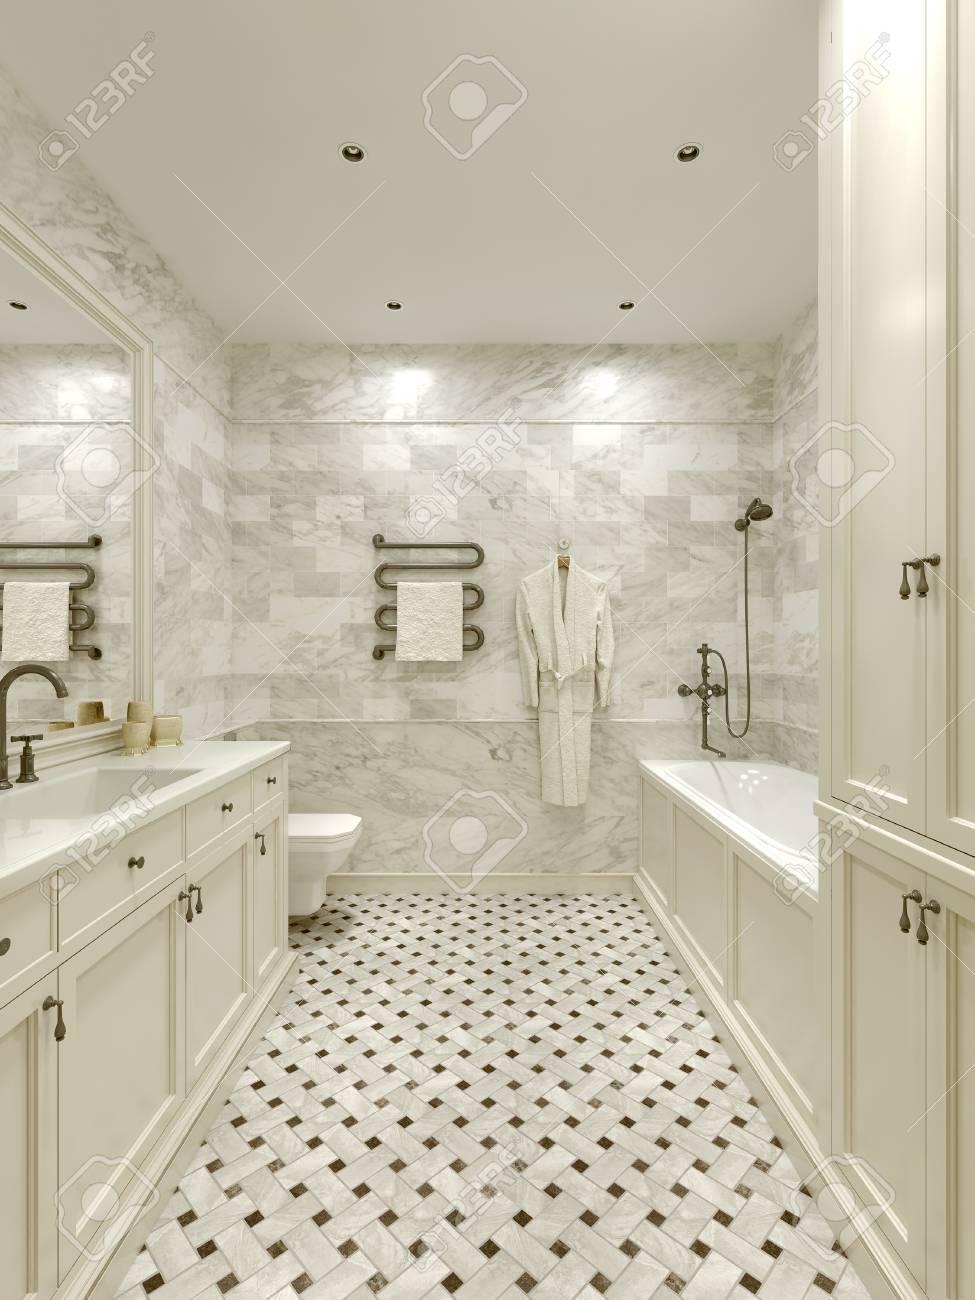 Cuarto de baño de estilo clásico, imágenes 3d